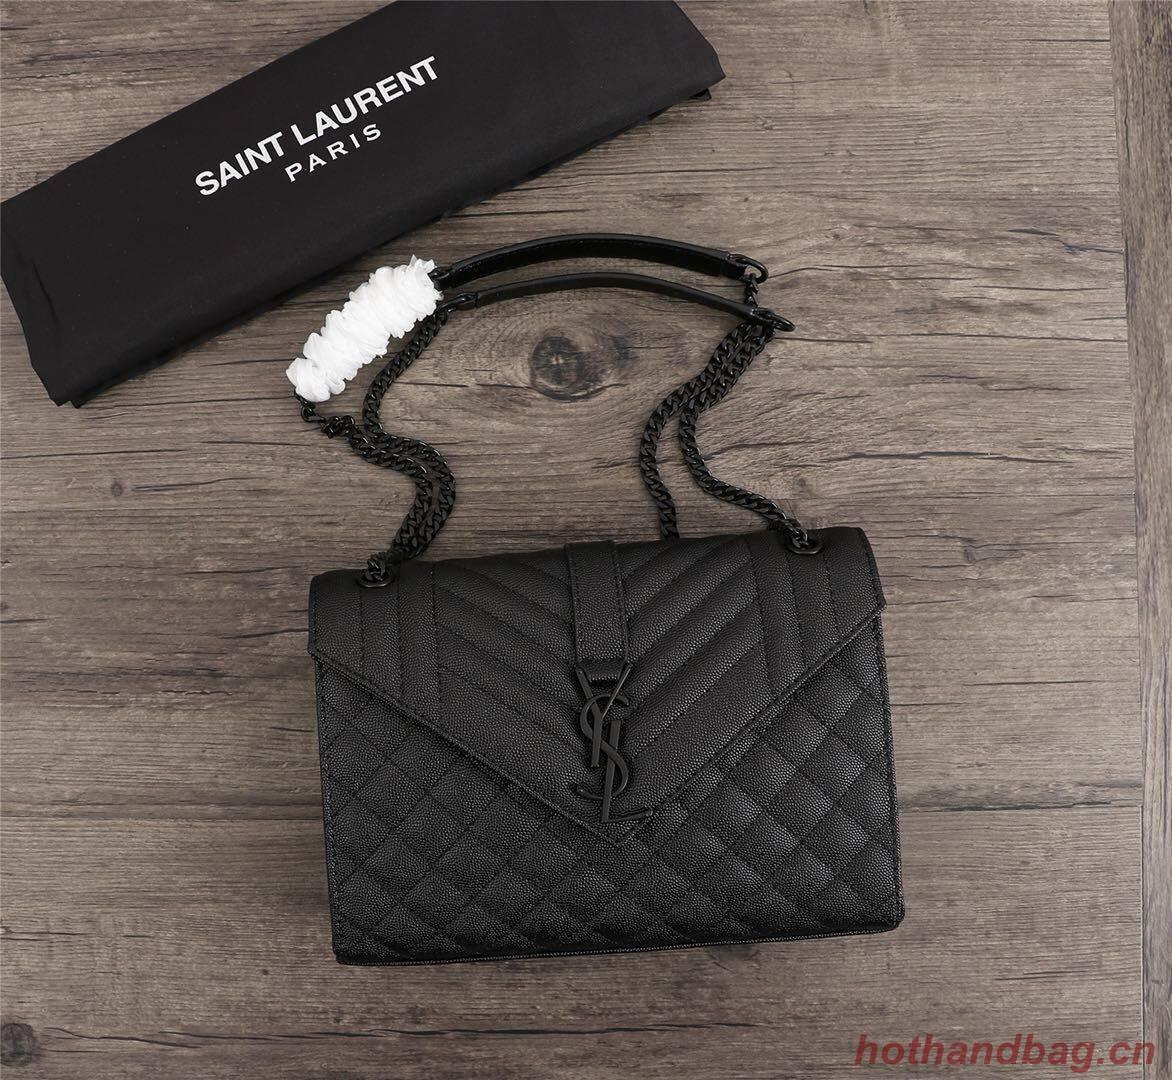 SAINT LAURENT Medium satchel 487206 black